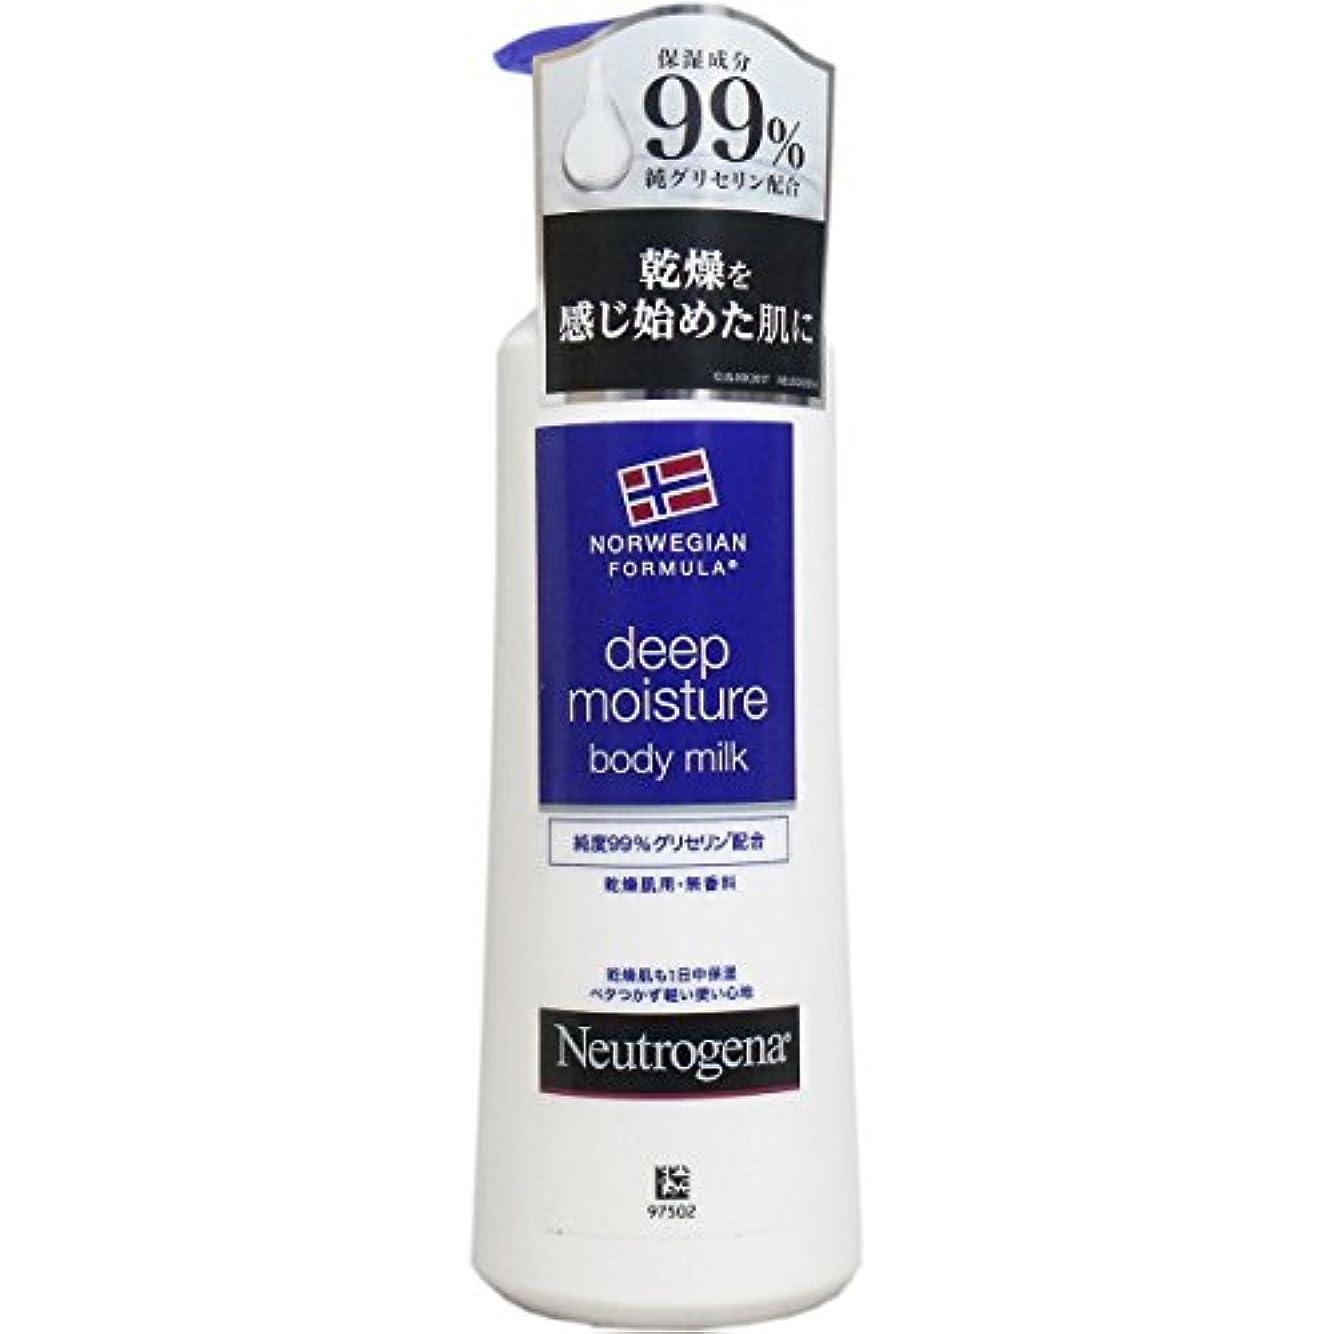 ネストペナルティ想像力豊かな【まとめ買い】Neutrogena(ニュートロジーナ) ノルウェーフォーミュラ ディープモイスチャー ボディミルク 乾燥肌用 無香料 250ml×4個